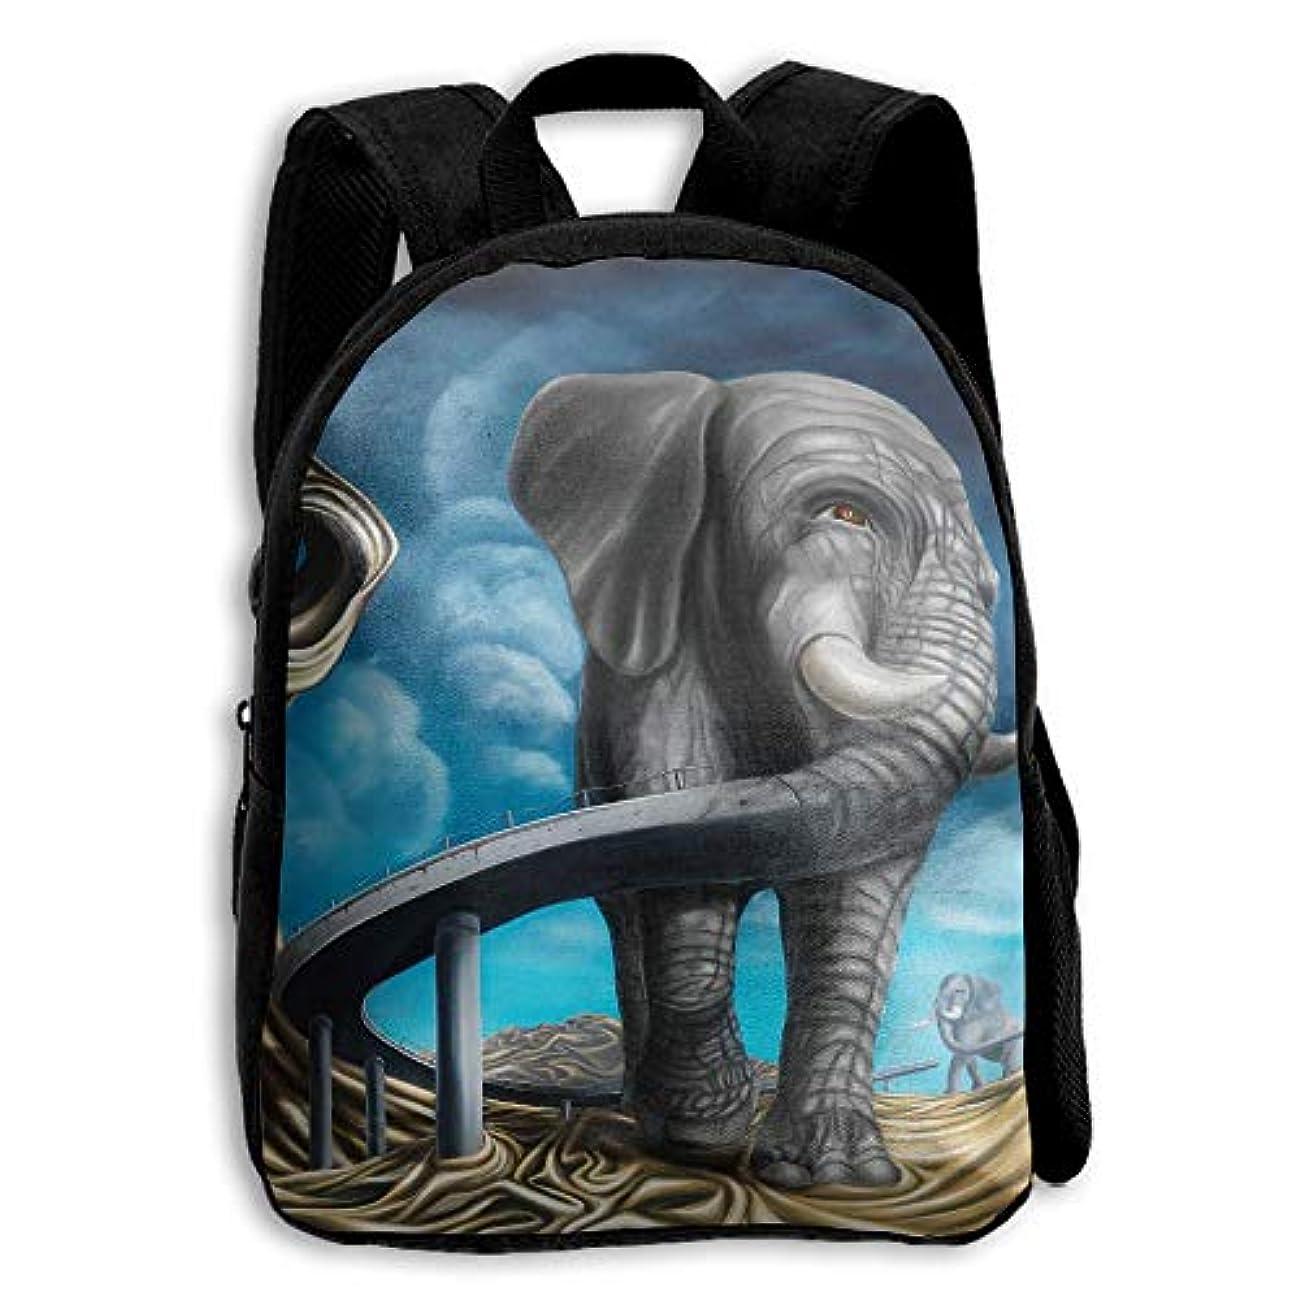 患者特異な葉巻キッズ バックパック 子供用 リュックサック 象猿ペインティング ショルダー デイパック アウトドア 男の子 女の子 通学 旅行 遠足